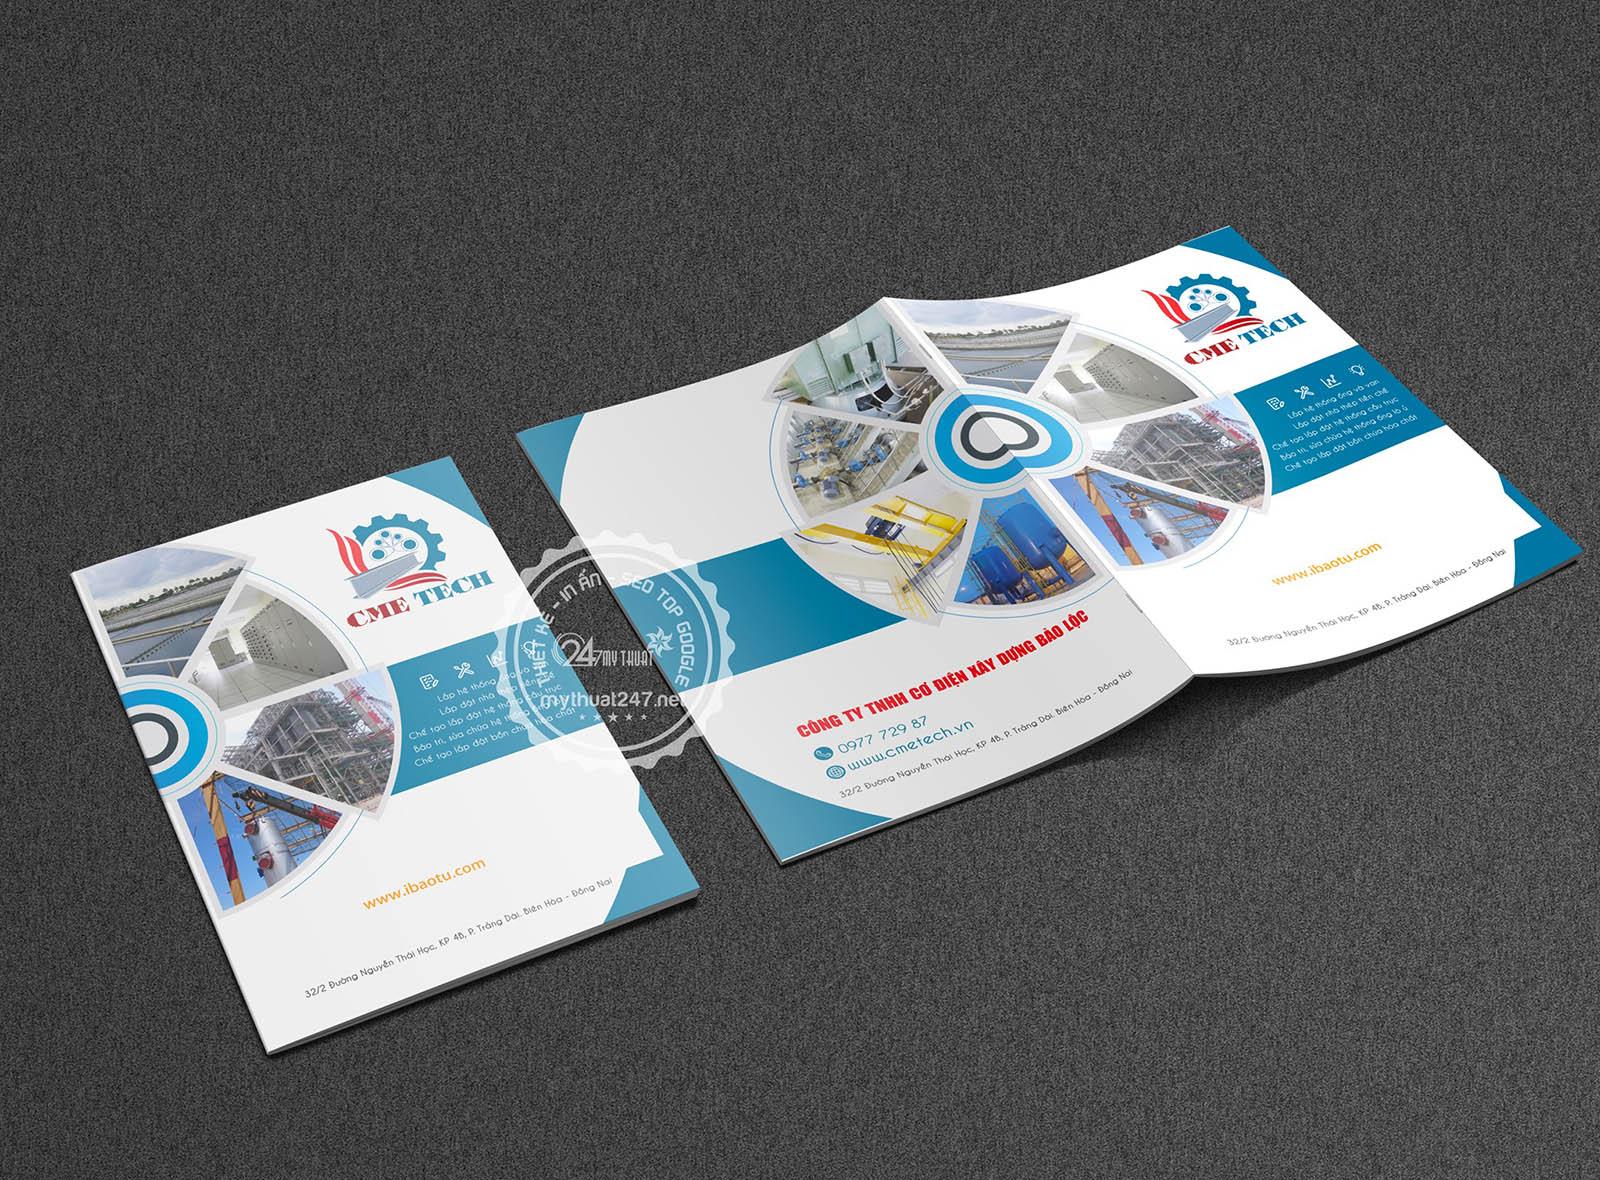 Thiết kế catalogue công ty tnhh cơ điện xây dựng bảo lộc